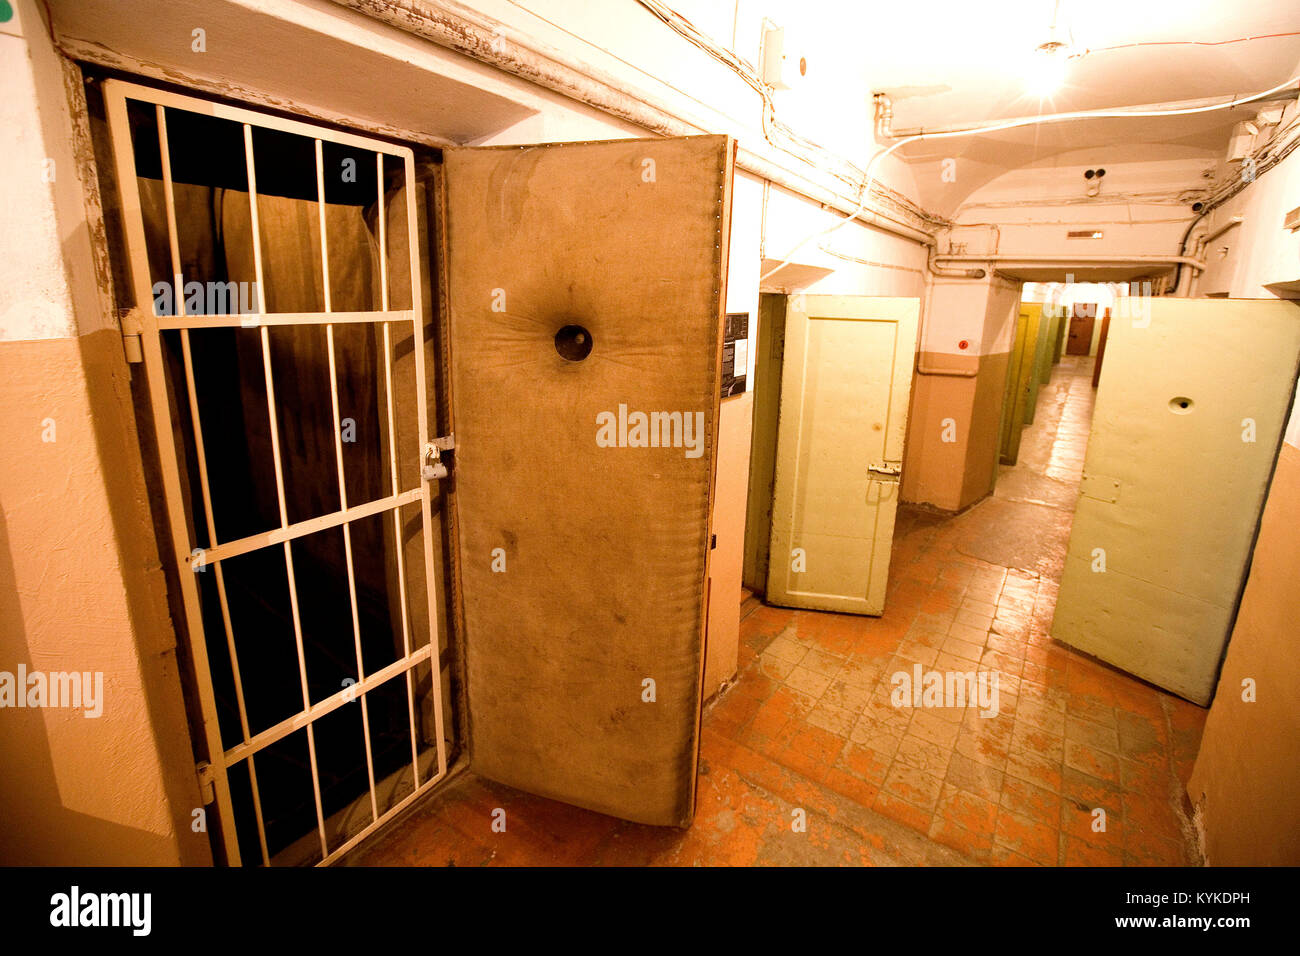 Place Lukiskiu, l'ancien immeuble du KGB a ete converti en Genocido Auku muziejus (musee des Victimes du Genocide). - Stock Image